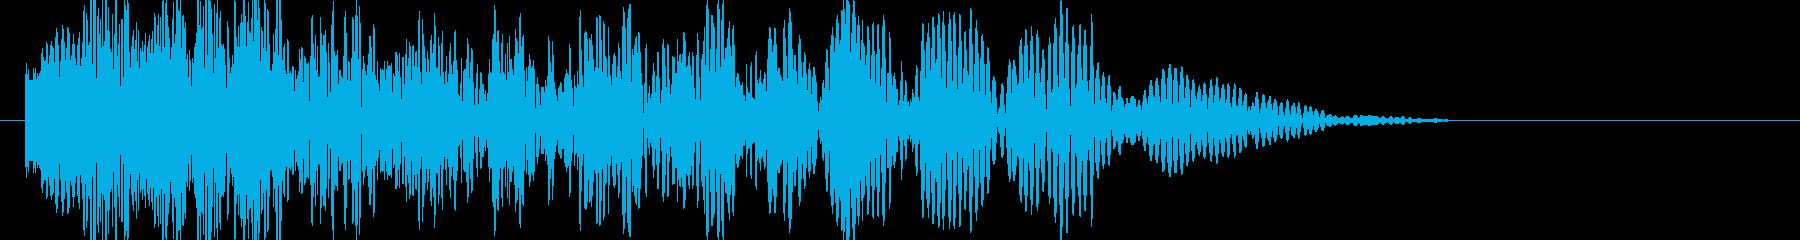 爆発・衝撃波・ソニックブーム2の再生済みの波形